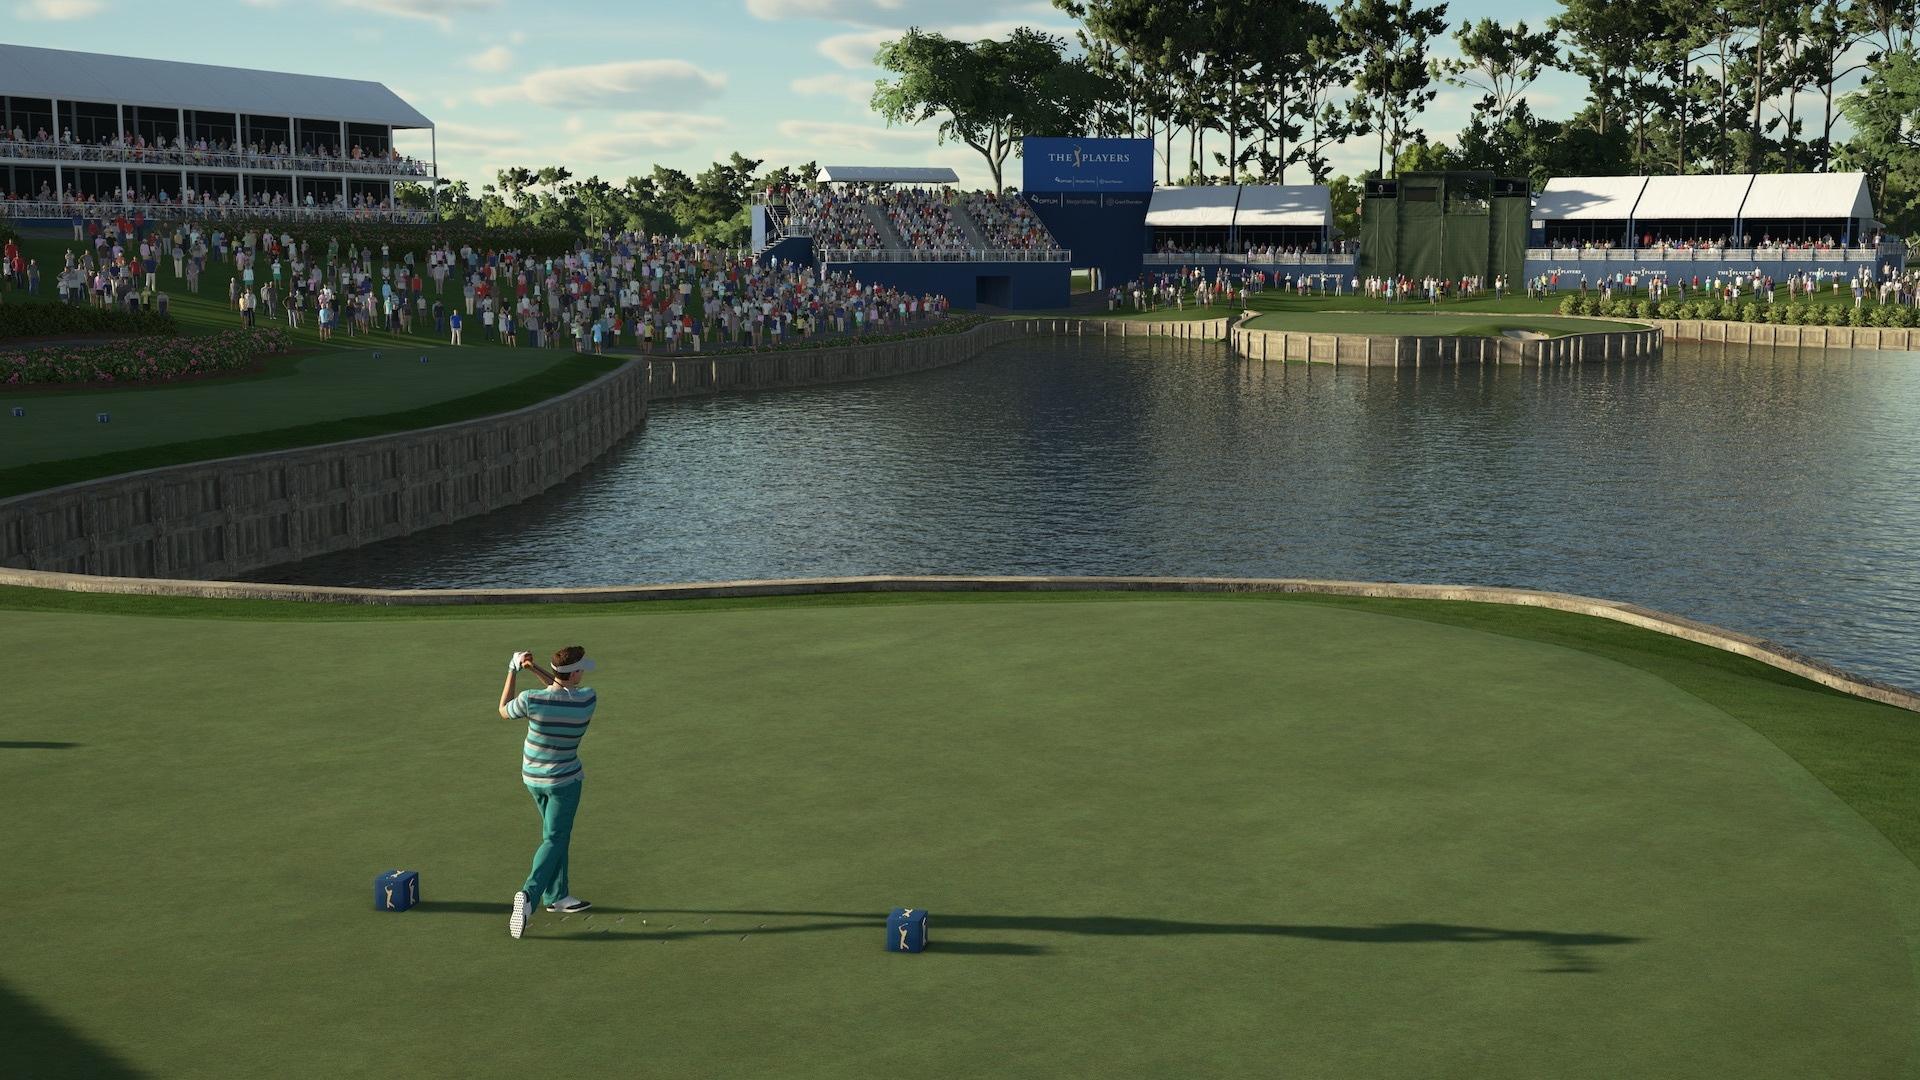 A screenshot from PGA TOUR 2K21